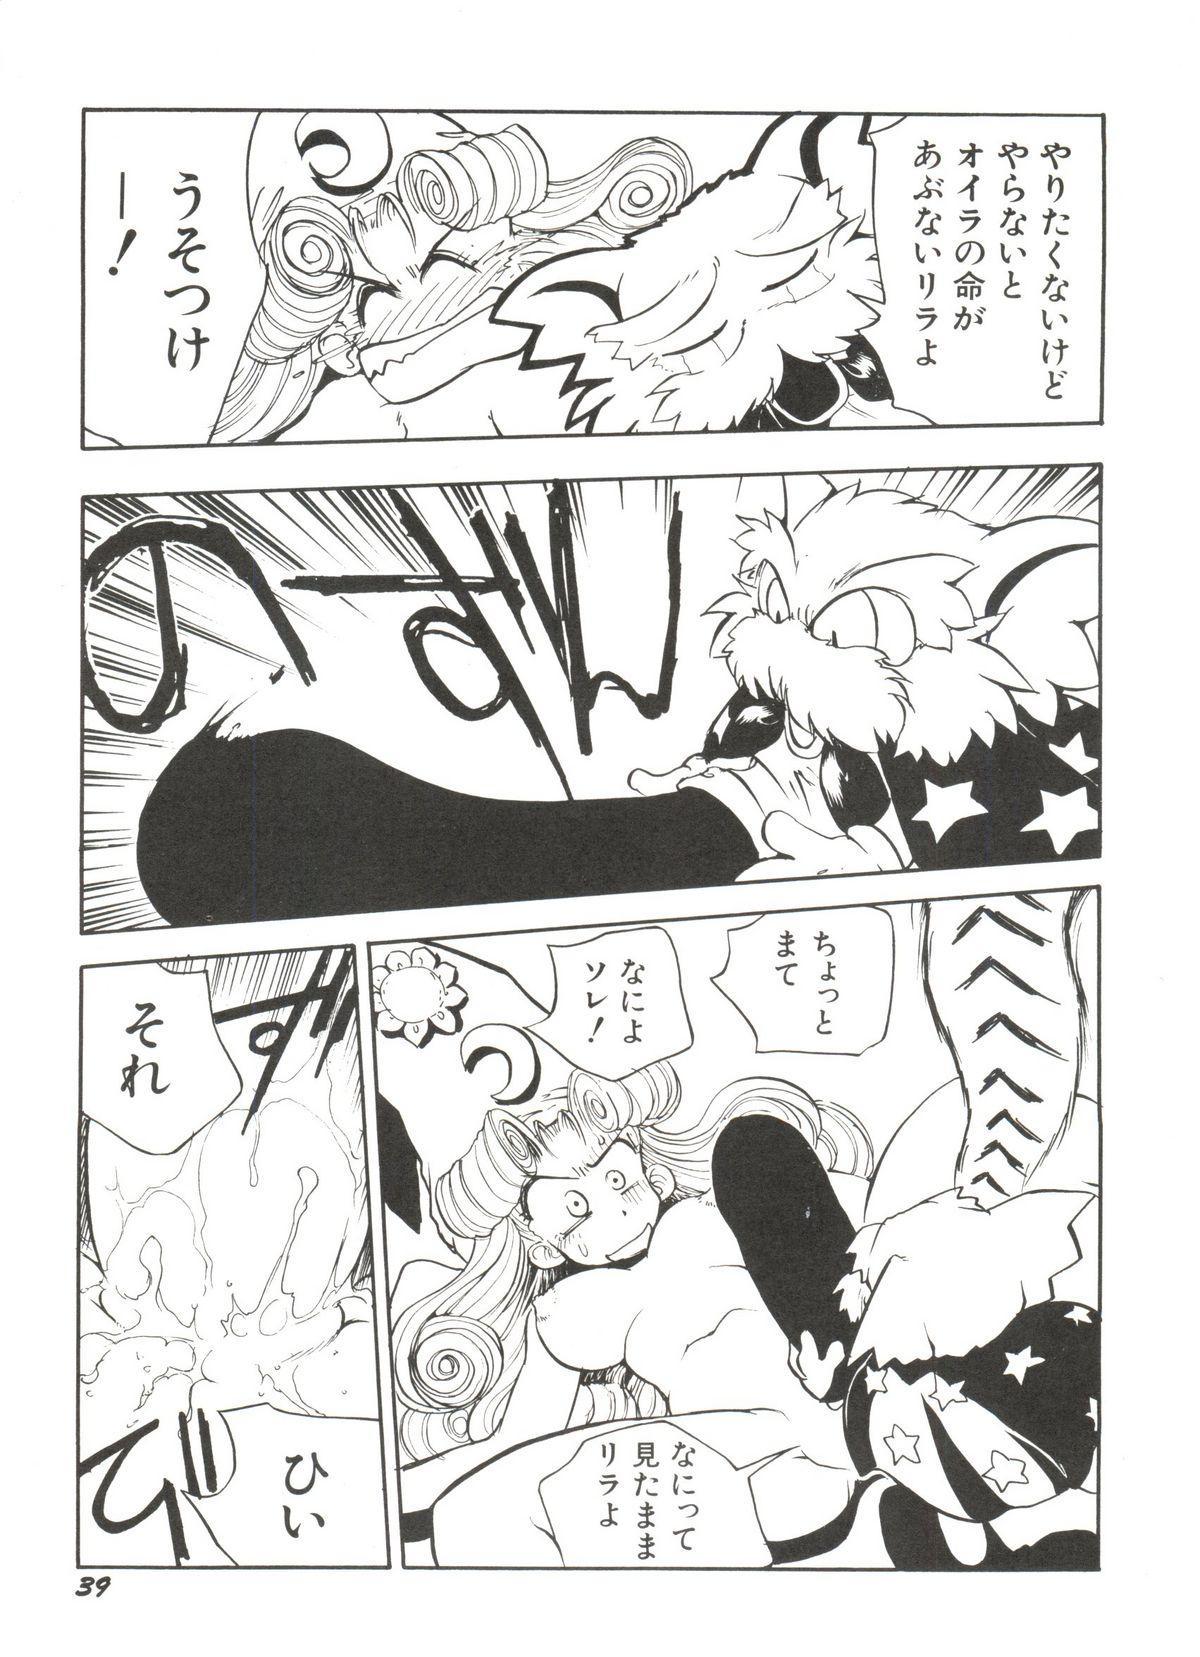 Denei Tamate Bako Bishoujo Doujinshi Anthology Vol. 2 - Nishinhou no Tenshi 42